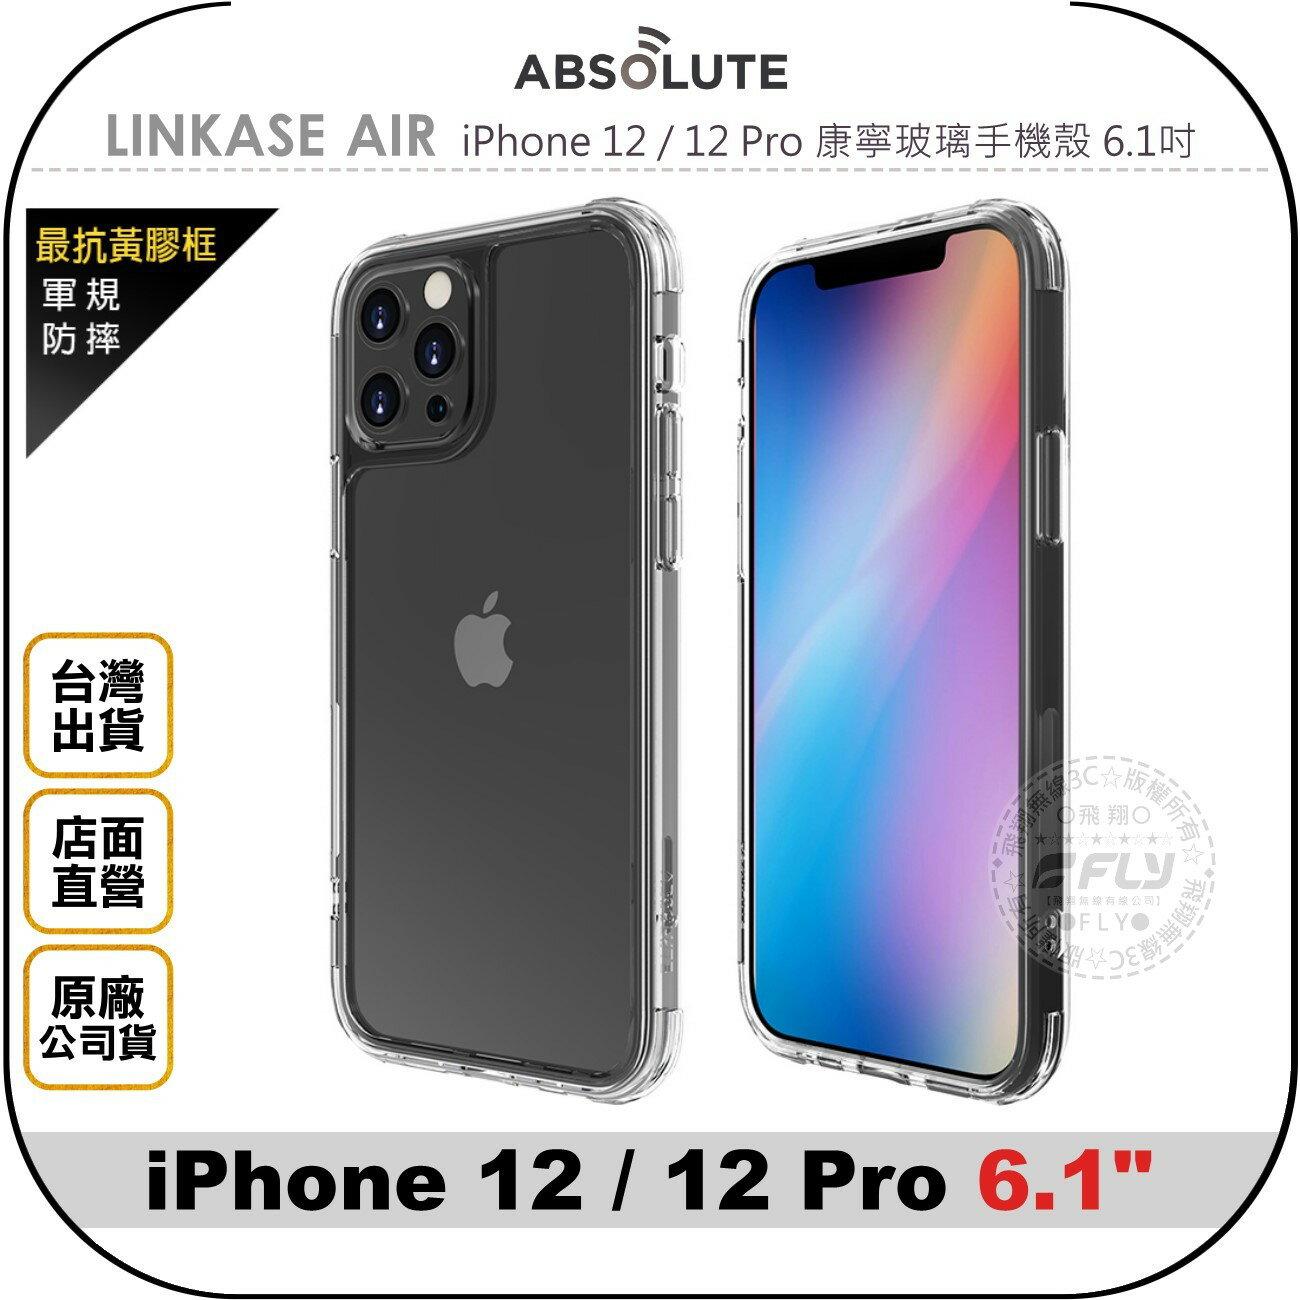 《飛翔無線3C》ABSOLUTE LINKASE AIR iPhone 12 / 12 Pro 康寧玻璃手機殼 6.1吋